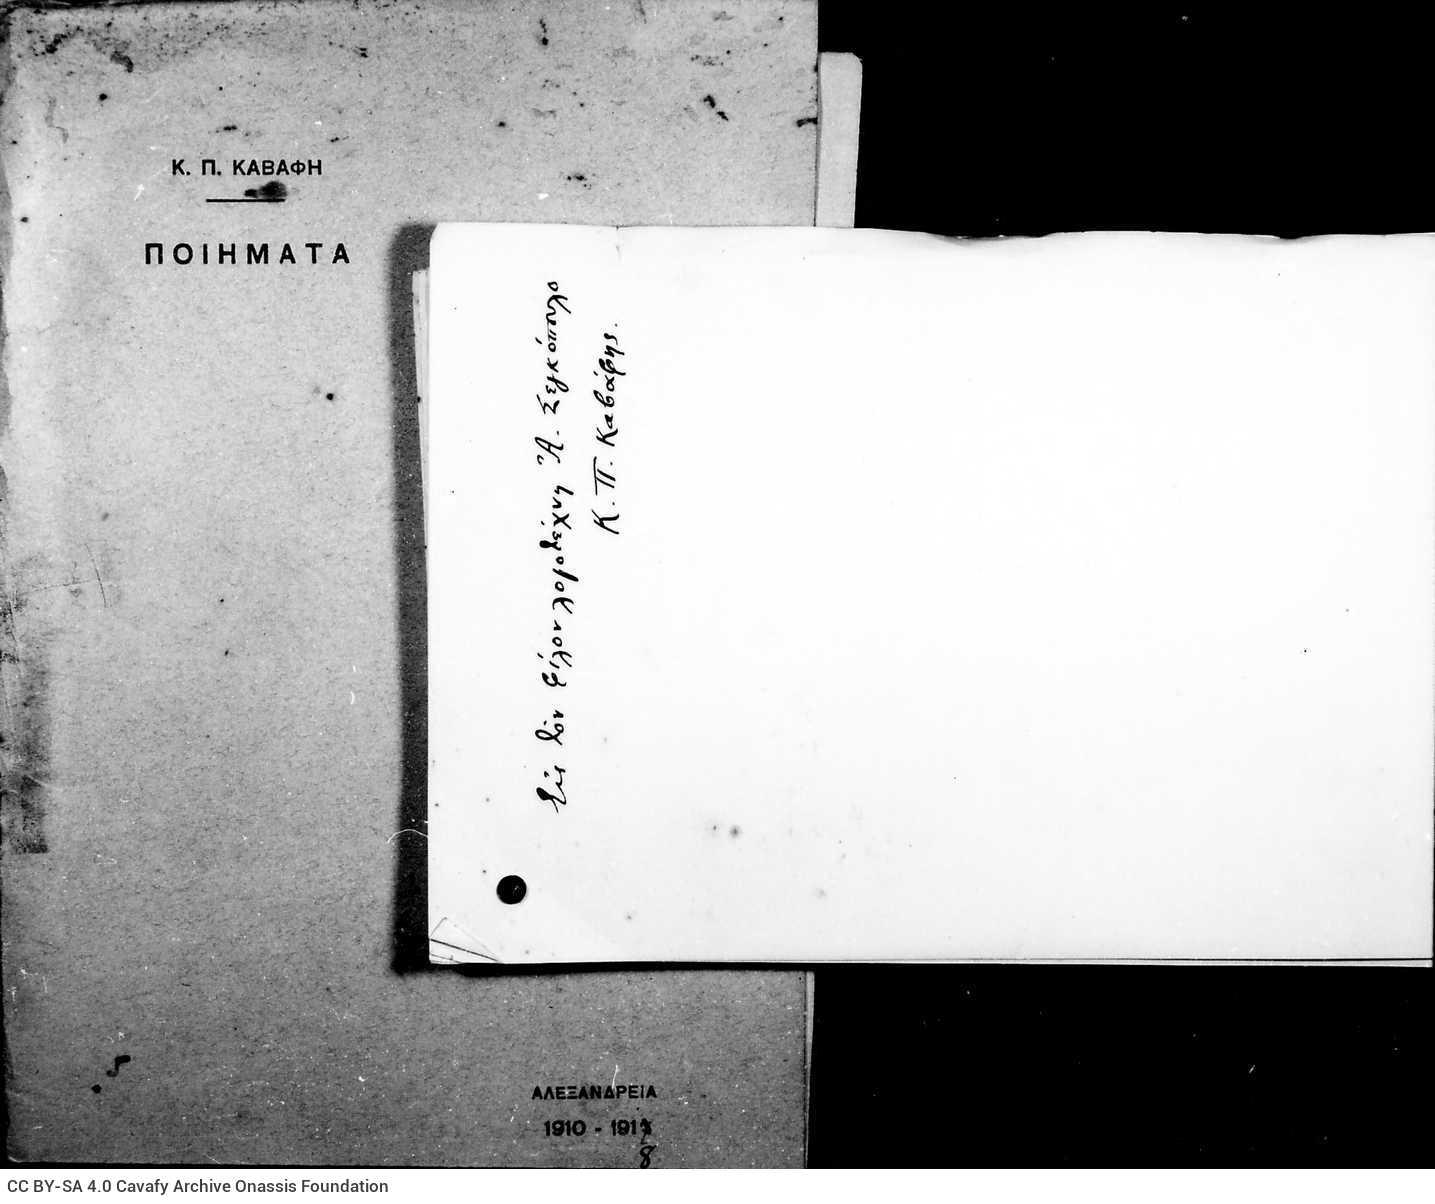 Χειρόγραφη ποιητική συλλογή του Καβάφη στη μία όψη λυτών φύλλων πι